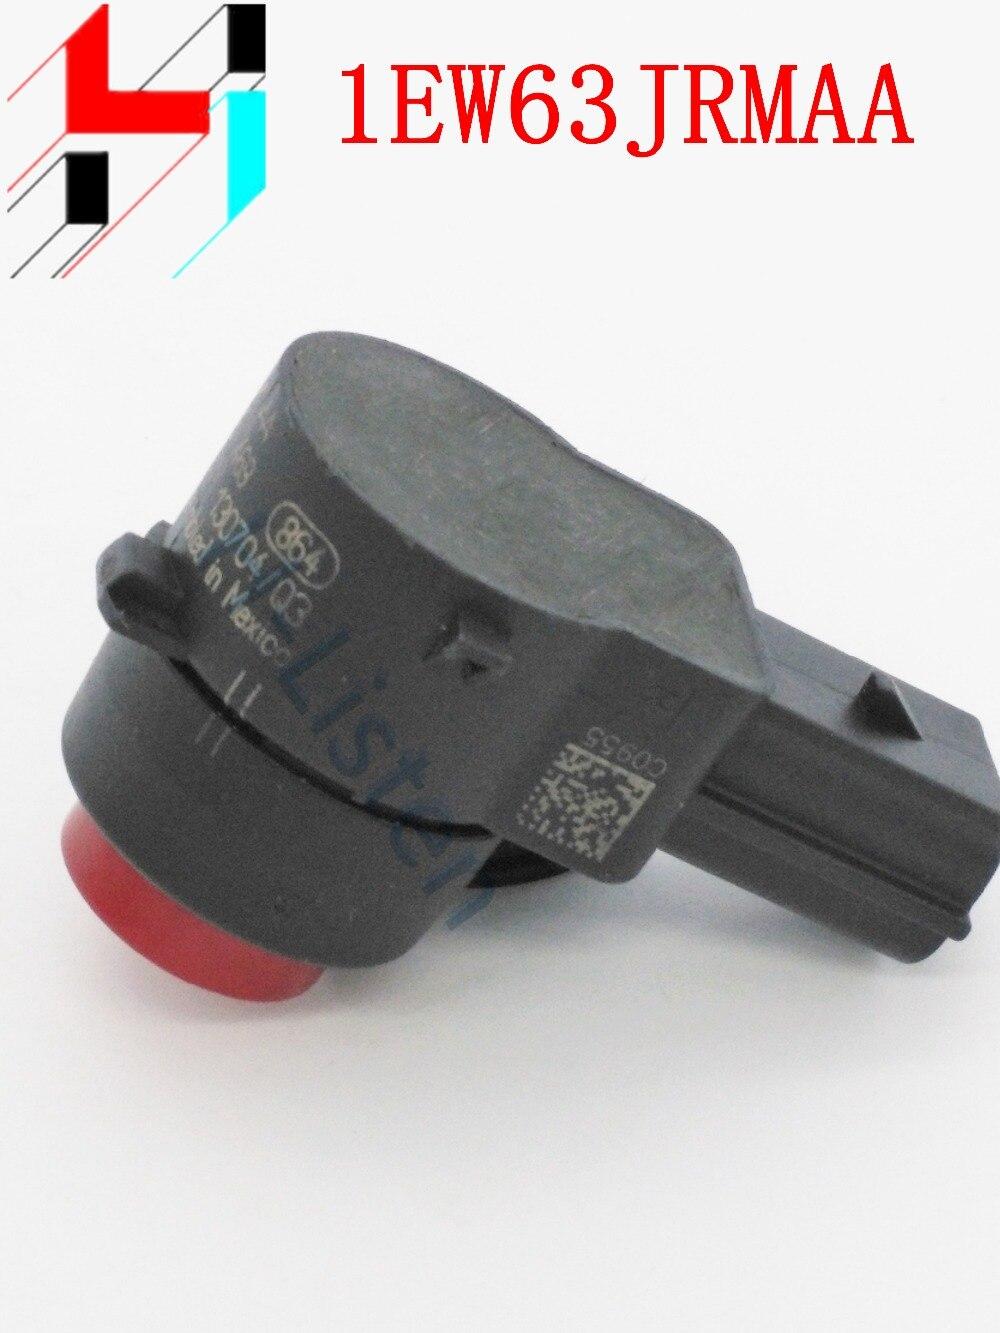 (10 шт.) 1EW63JRMAA 0263013469 PDC Датчик управления парковочным расстоянием для 1EW63JRM AA